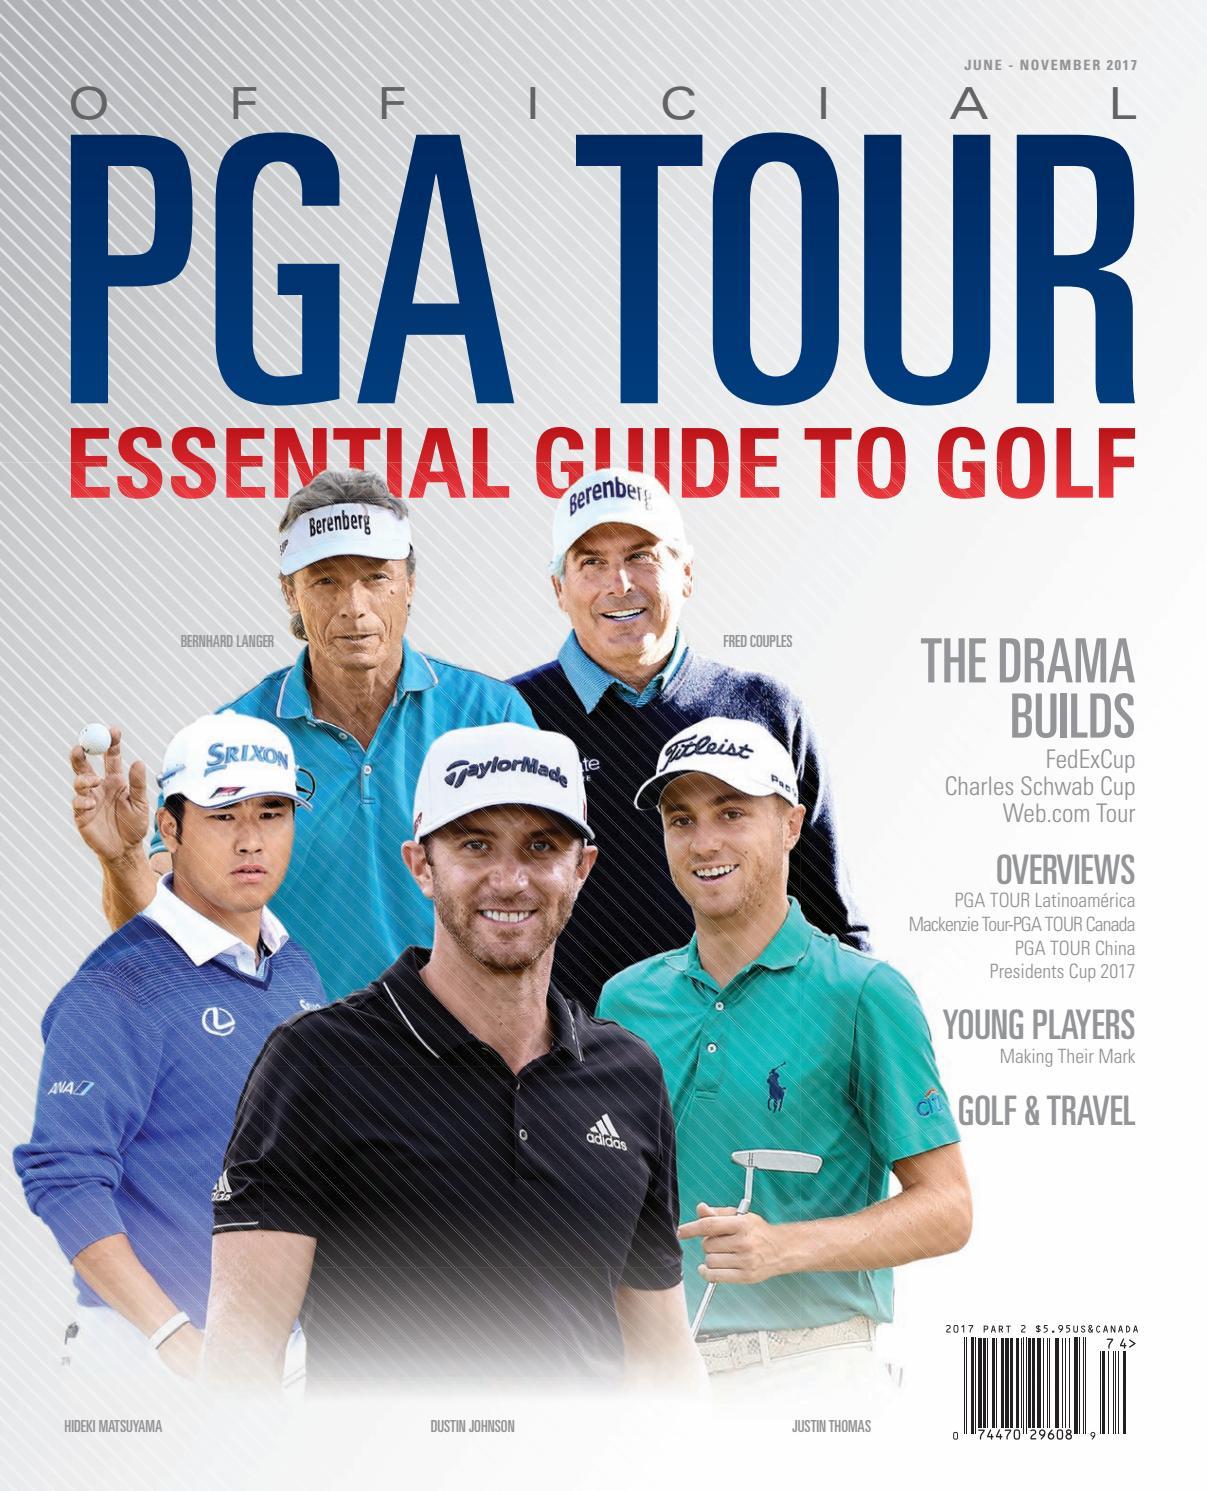 0cc8a4626da Official PGA TOUR Essential Guide to Golf 2016 17 Part 2 by Magazine - issuu